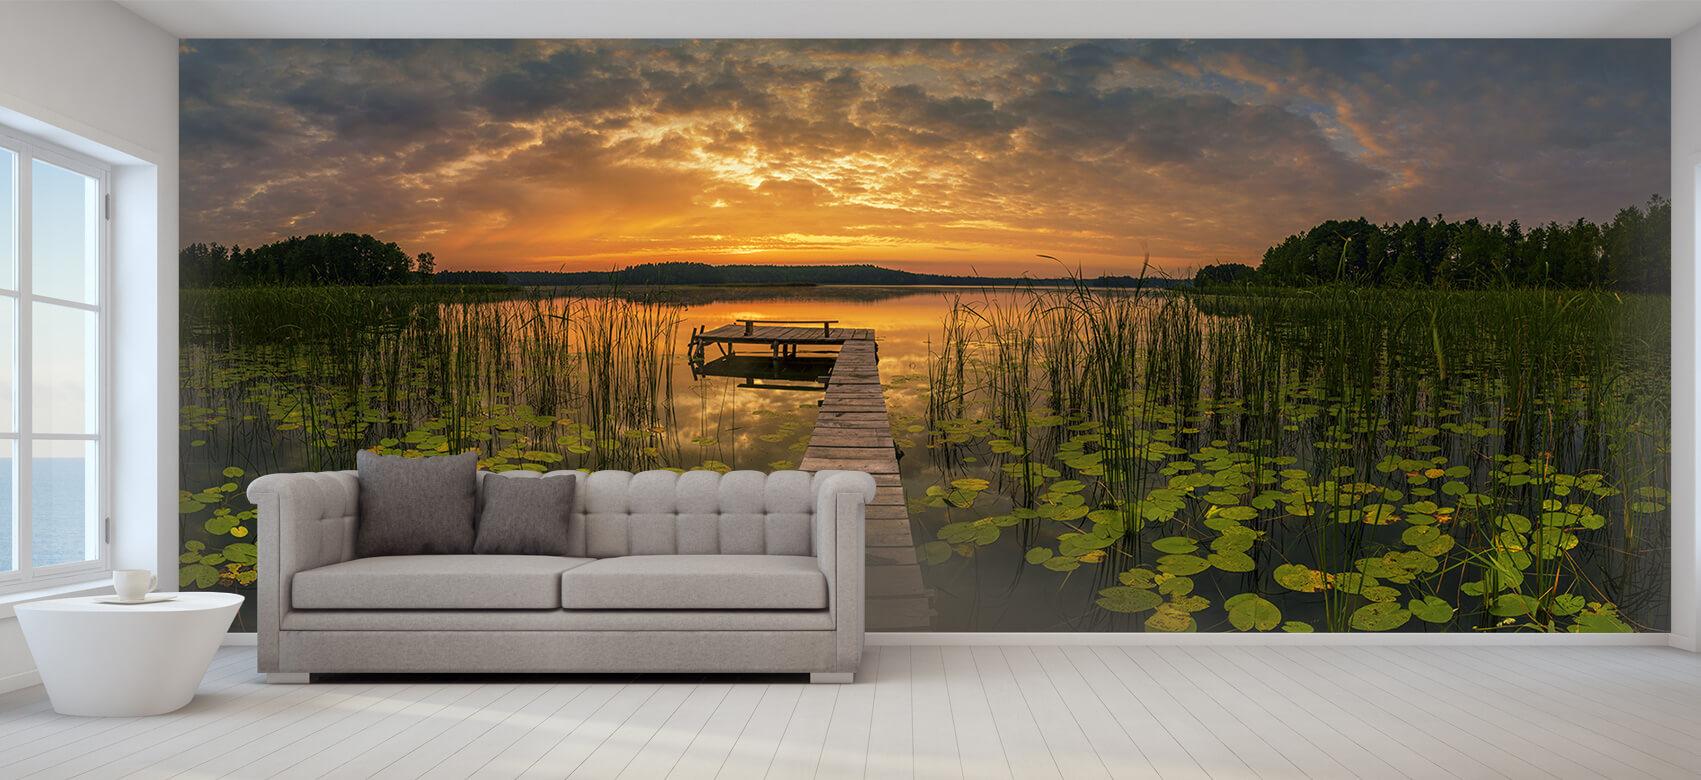 Houten Steigers - Zonsopgang aan het meer - Woonkamer 1